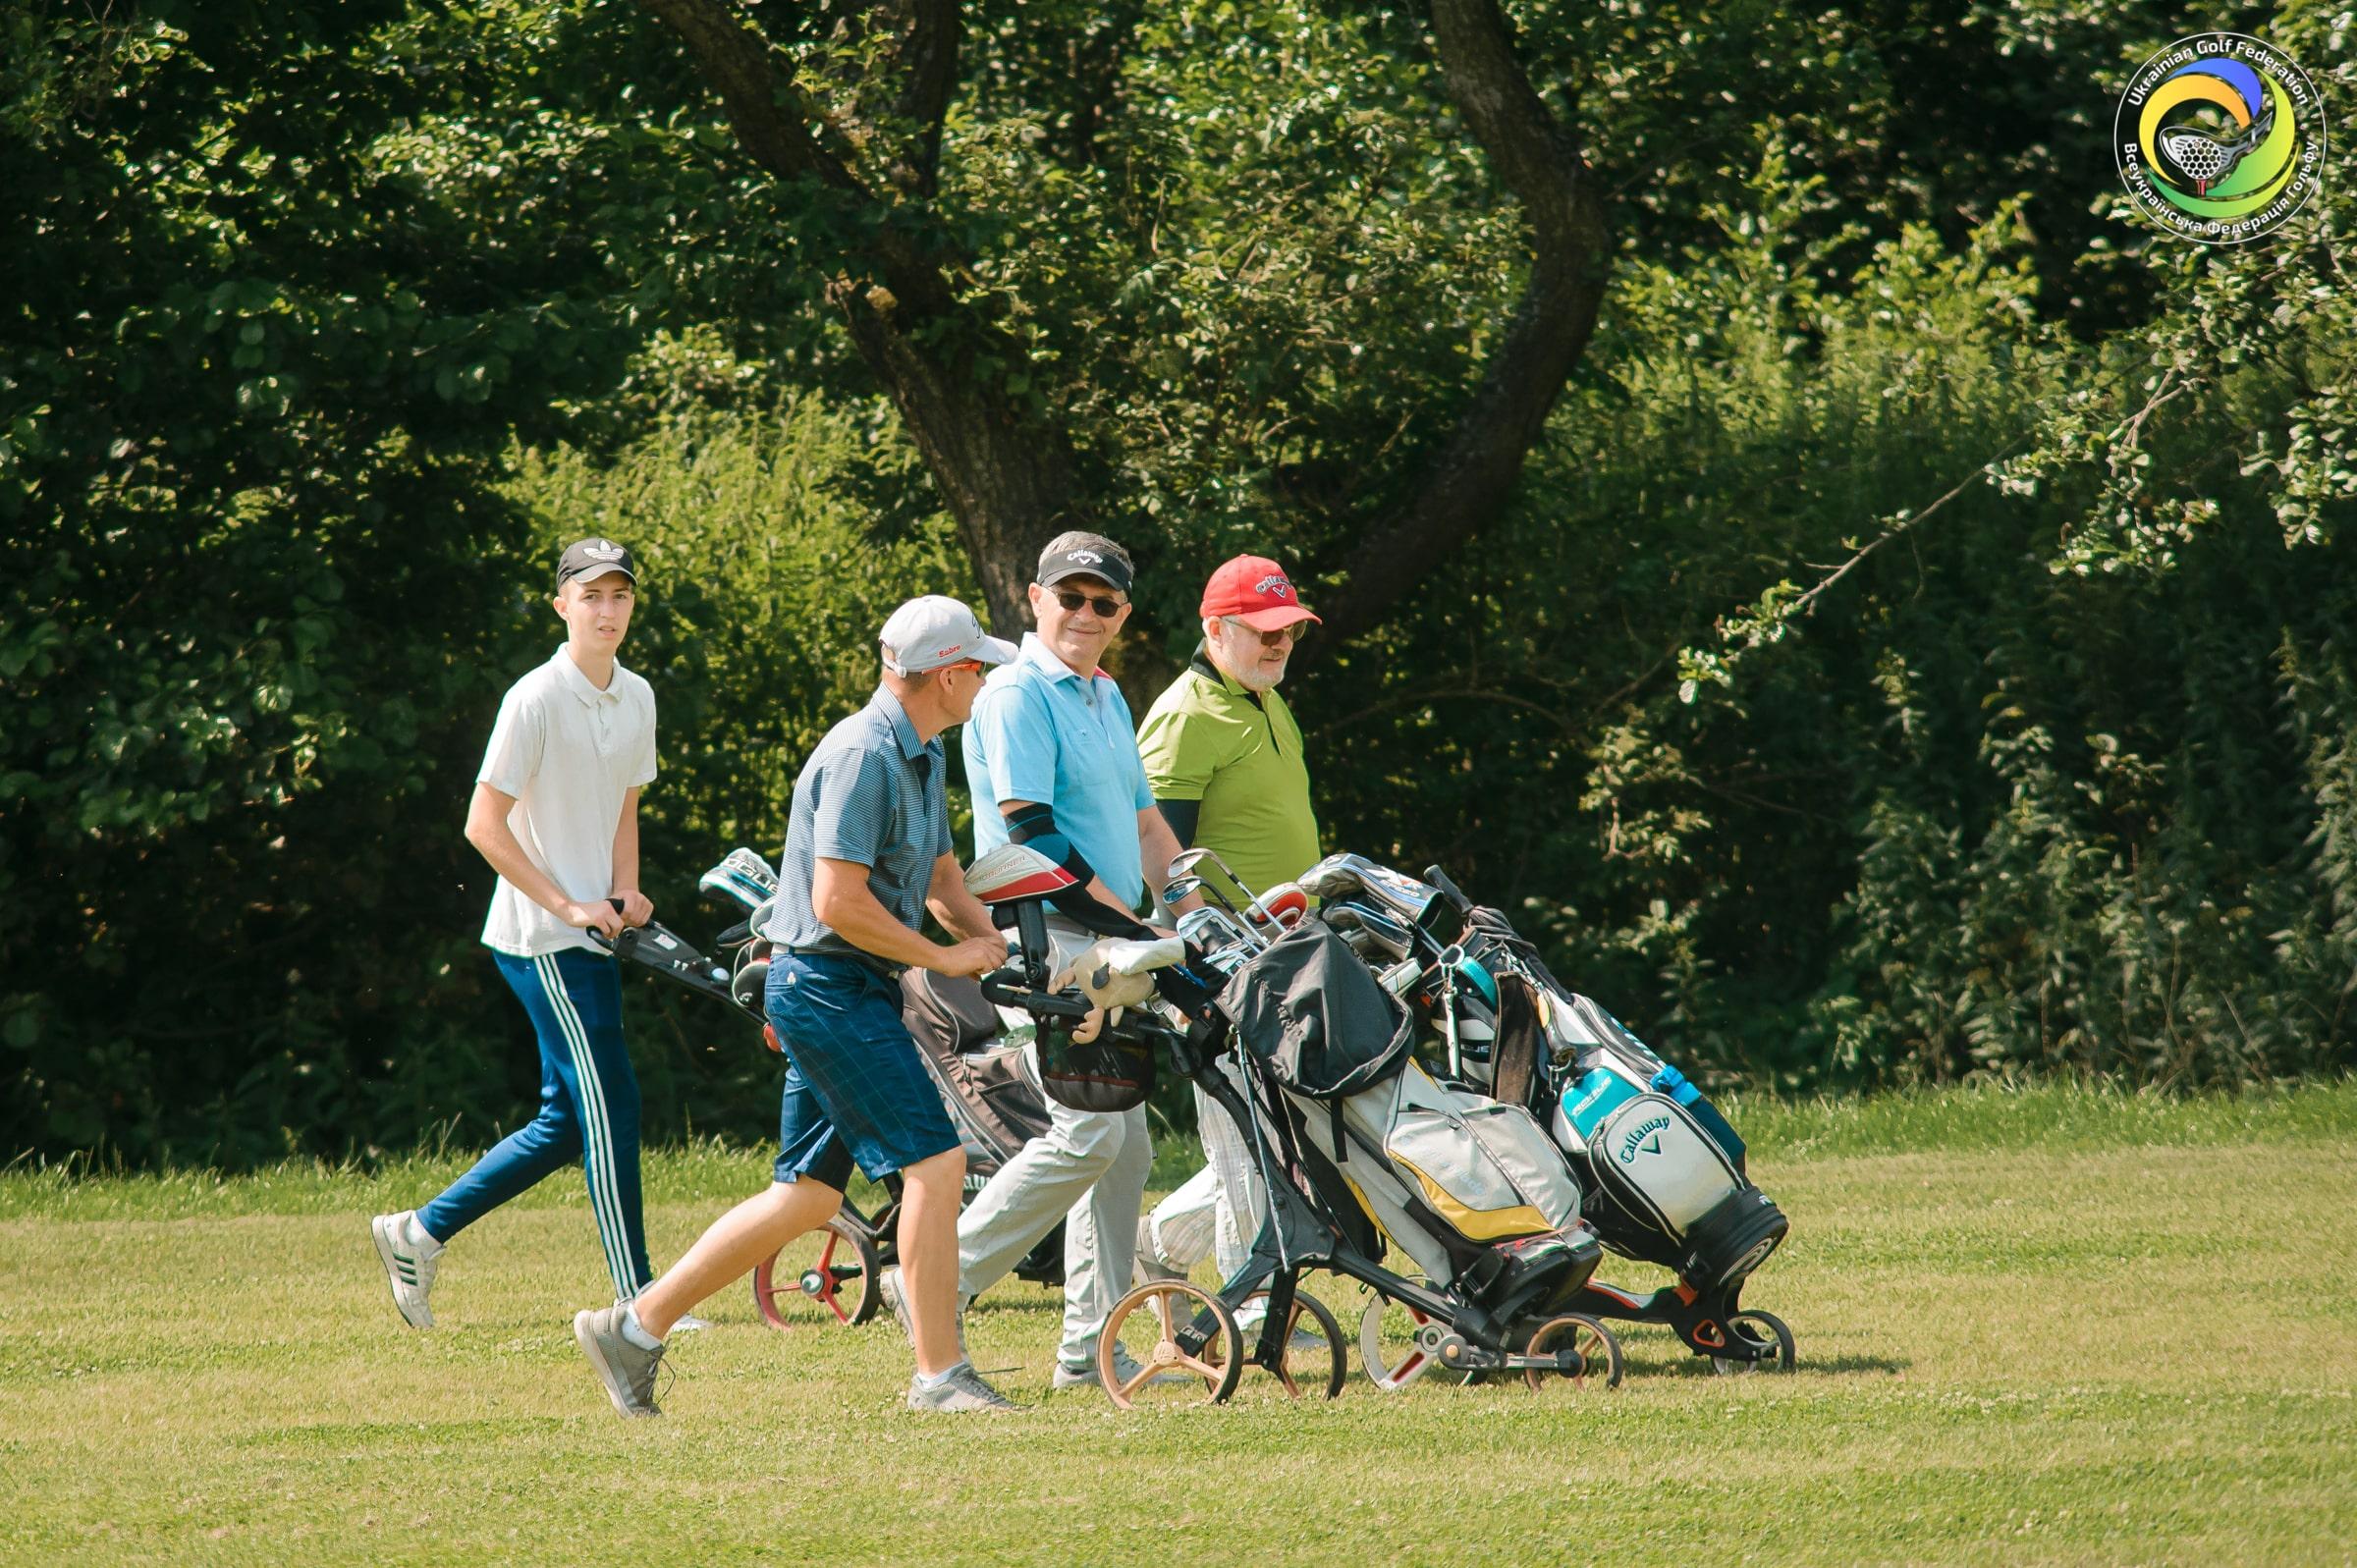 Edem Golf Club